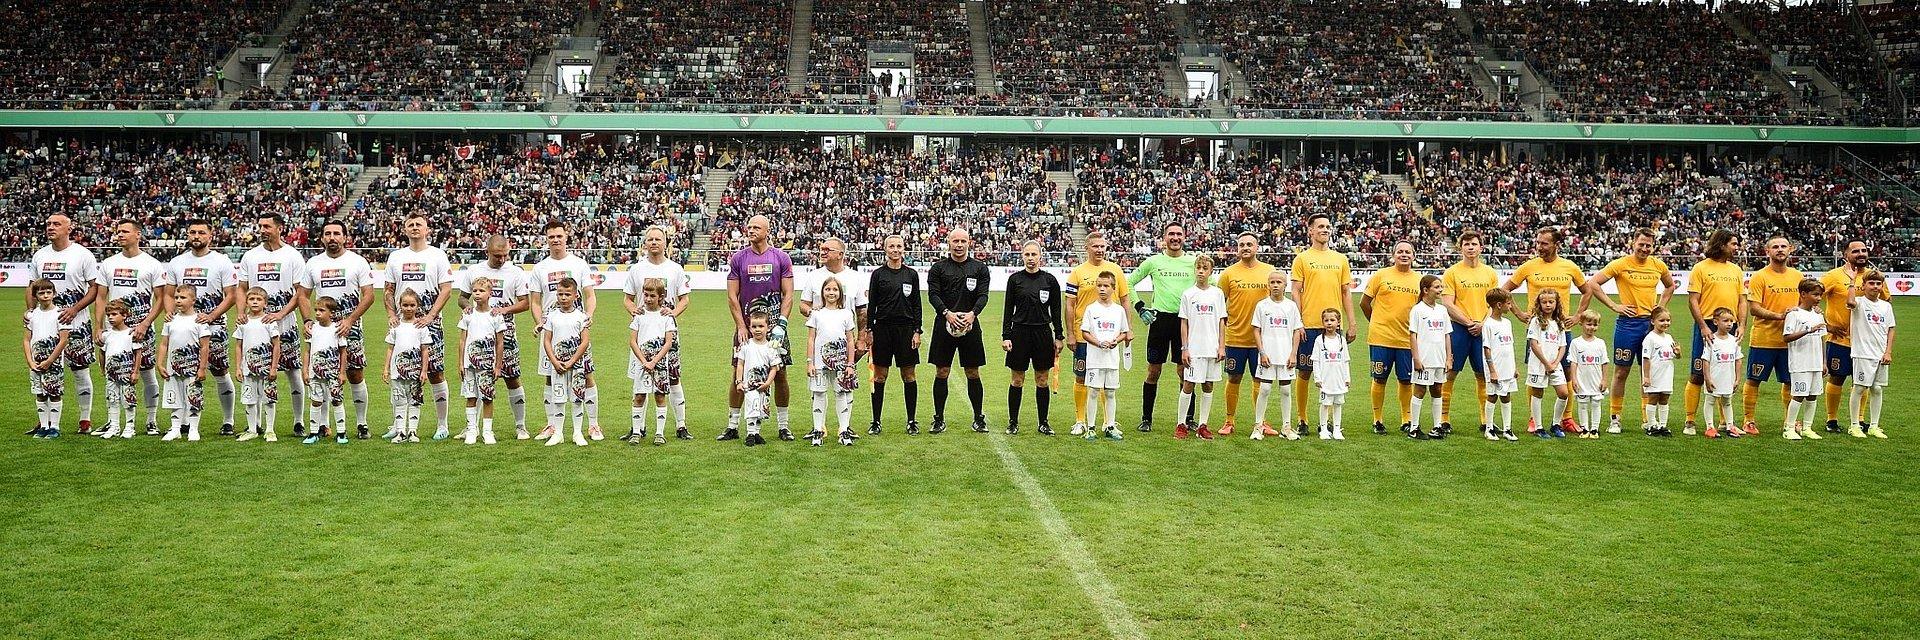 Wielki Mecz WOŚP vs. TVN wygrały Ustrzyki Dolne